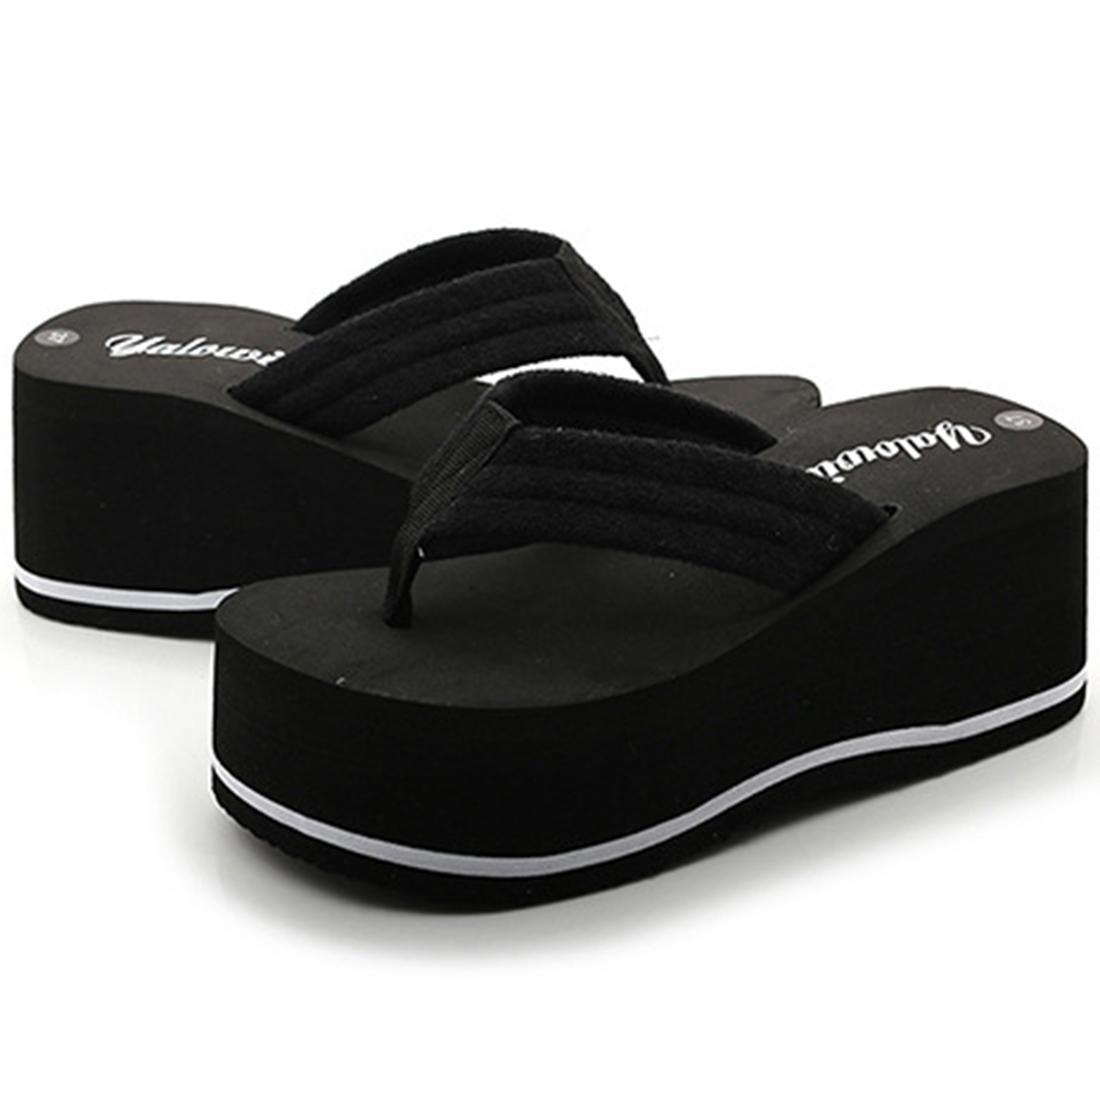 Womens Moda EVA deslizamento Casual Em Sandals Wedge Verão bonito sapatos de plataforma saltos Thong Flip Flops Sólidos Y200405 Cor